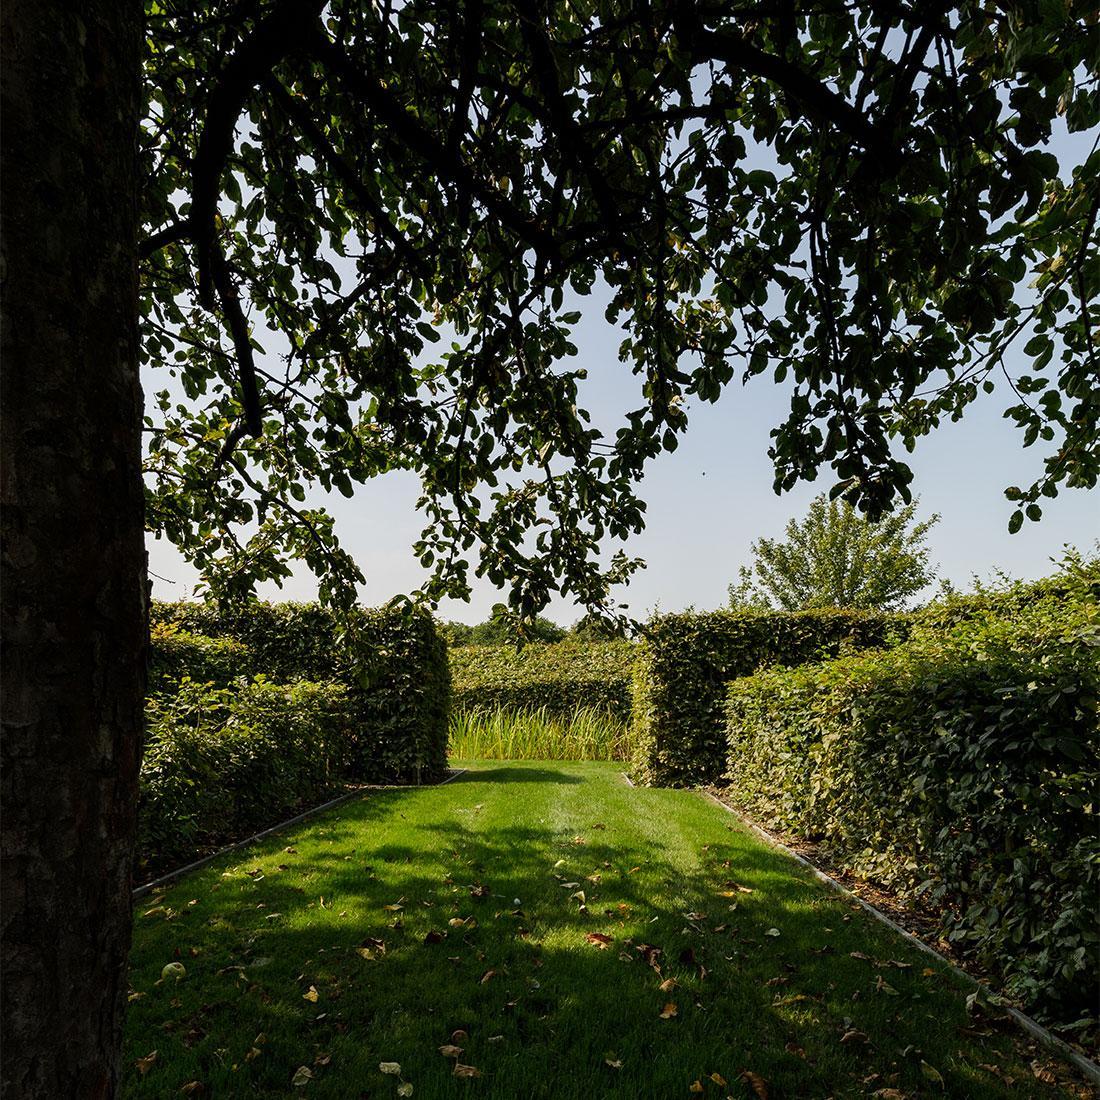 141-parktuin-grotetuin-rozentuin-topiary-geschoren-haagstructuur-hagen-22.jpg